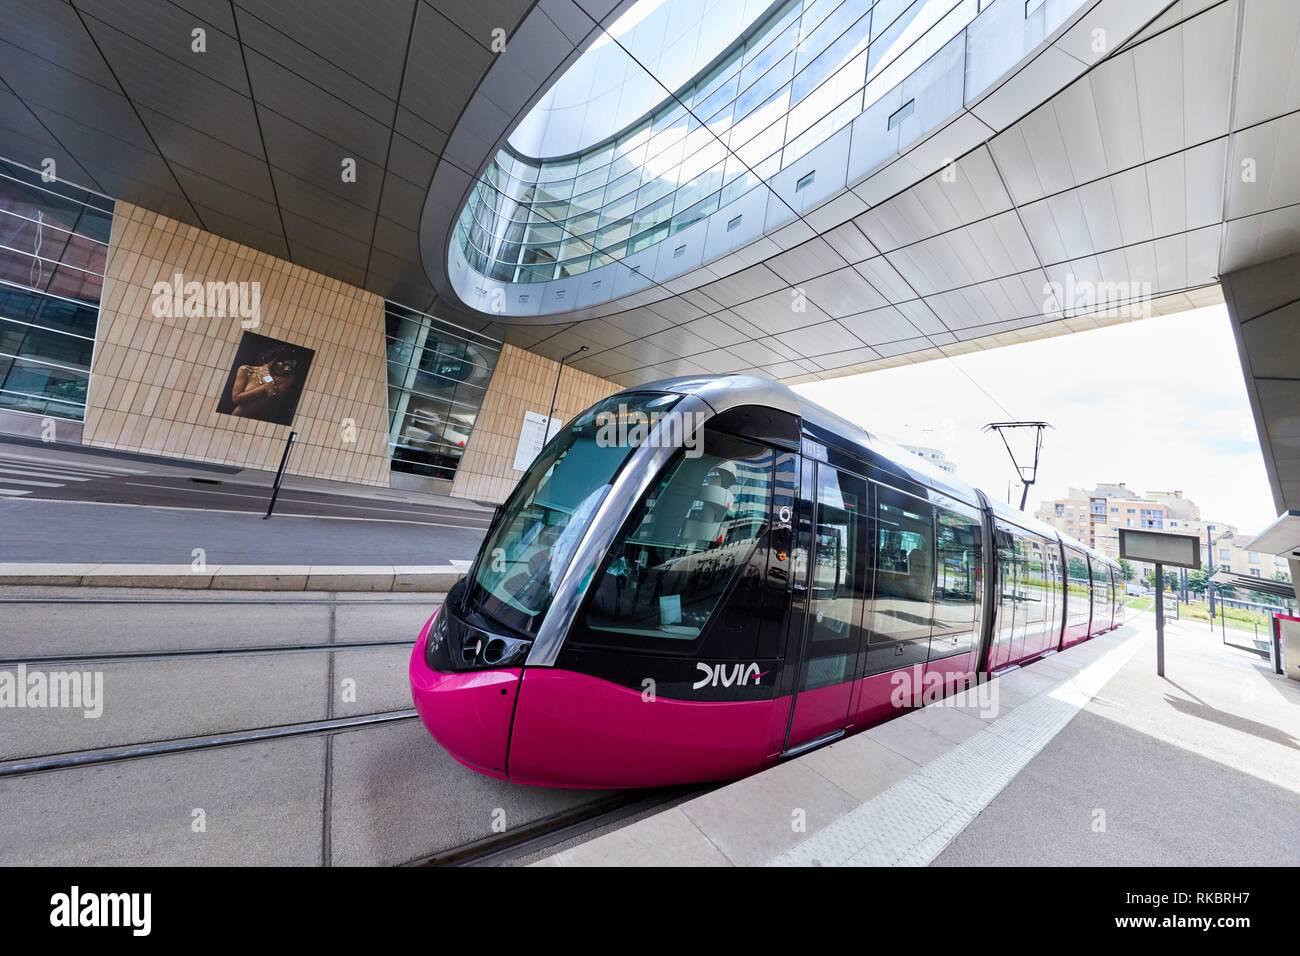 Urban tram, Auditorium, Boulevard de Champagne, Dijon, Côte d´Or, Burgundy Region, Bourgogne, France, Europe - Stock Image